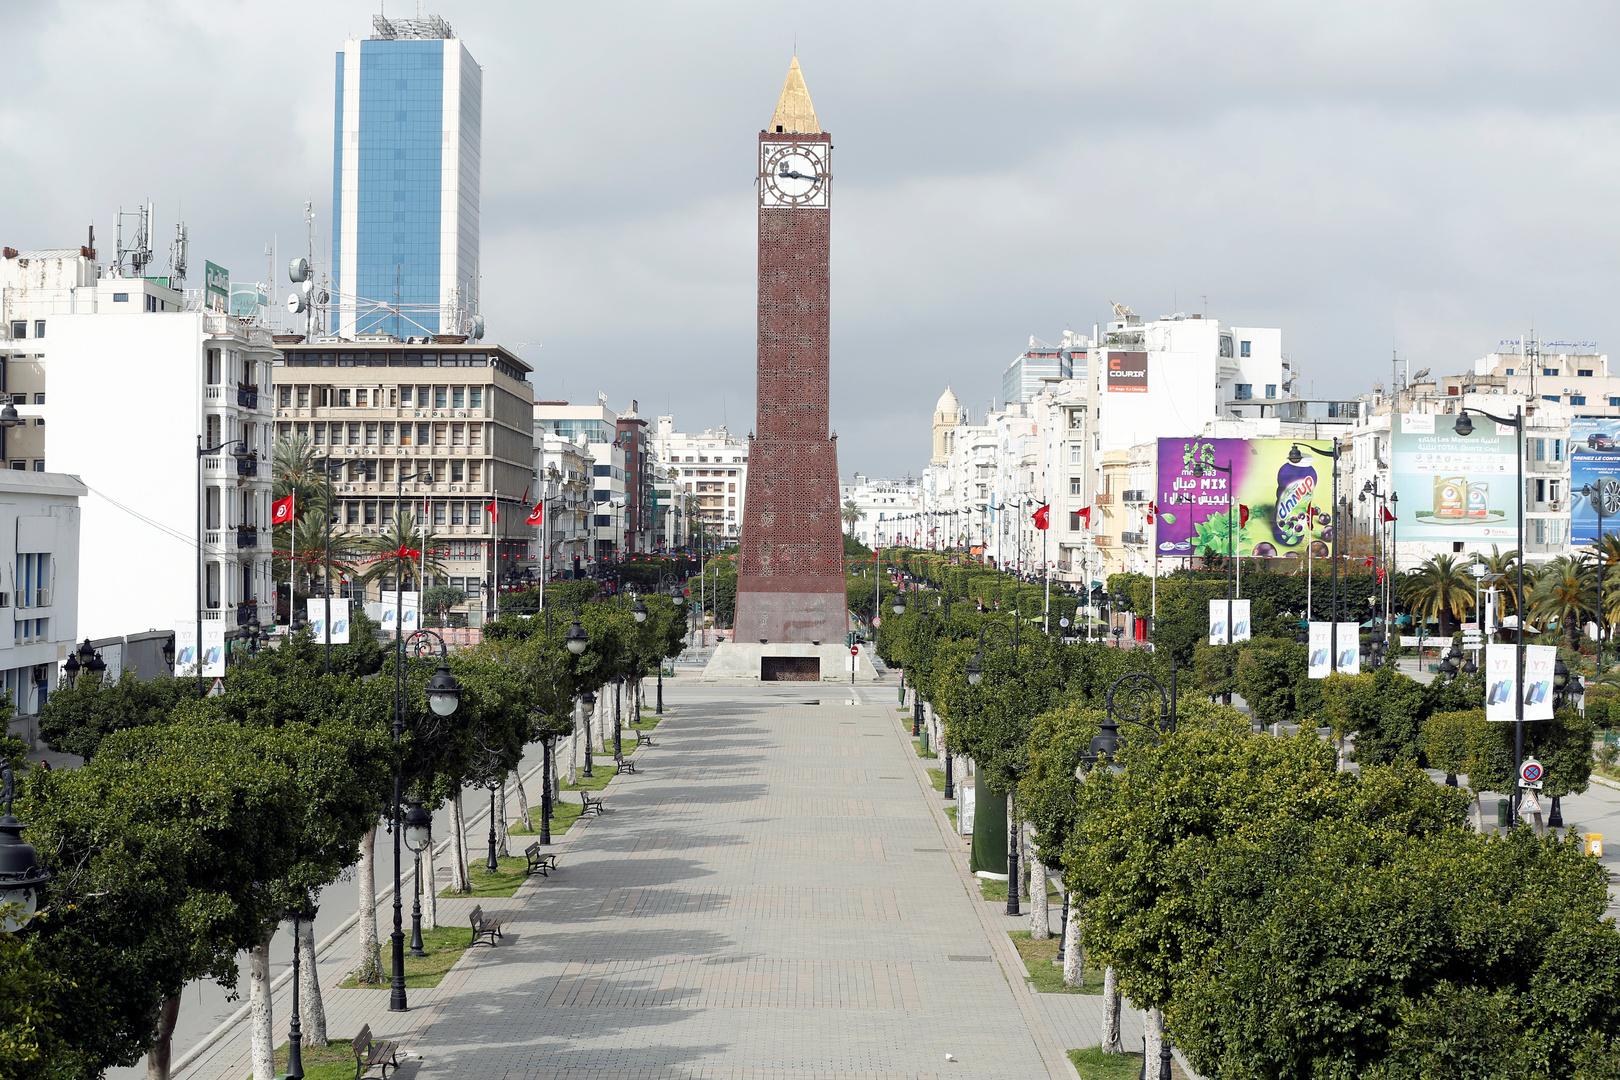 العاصمة تونس في ظل الوباء.